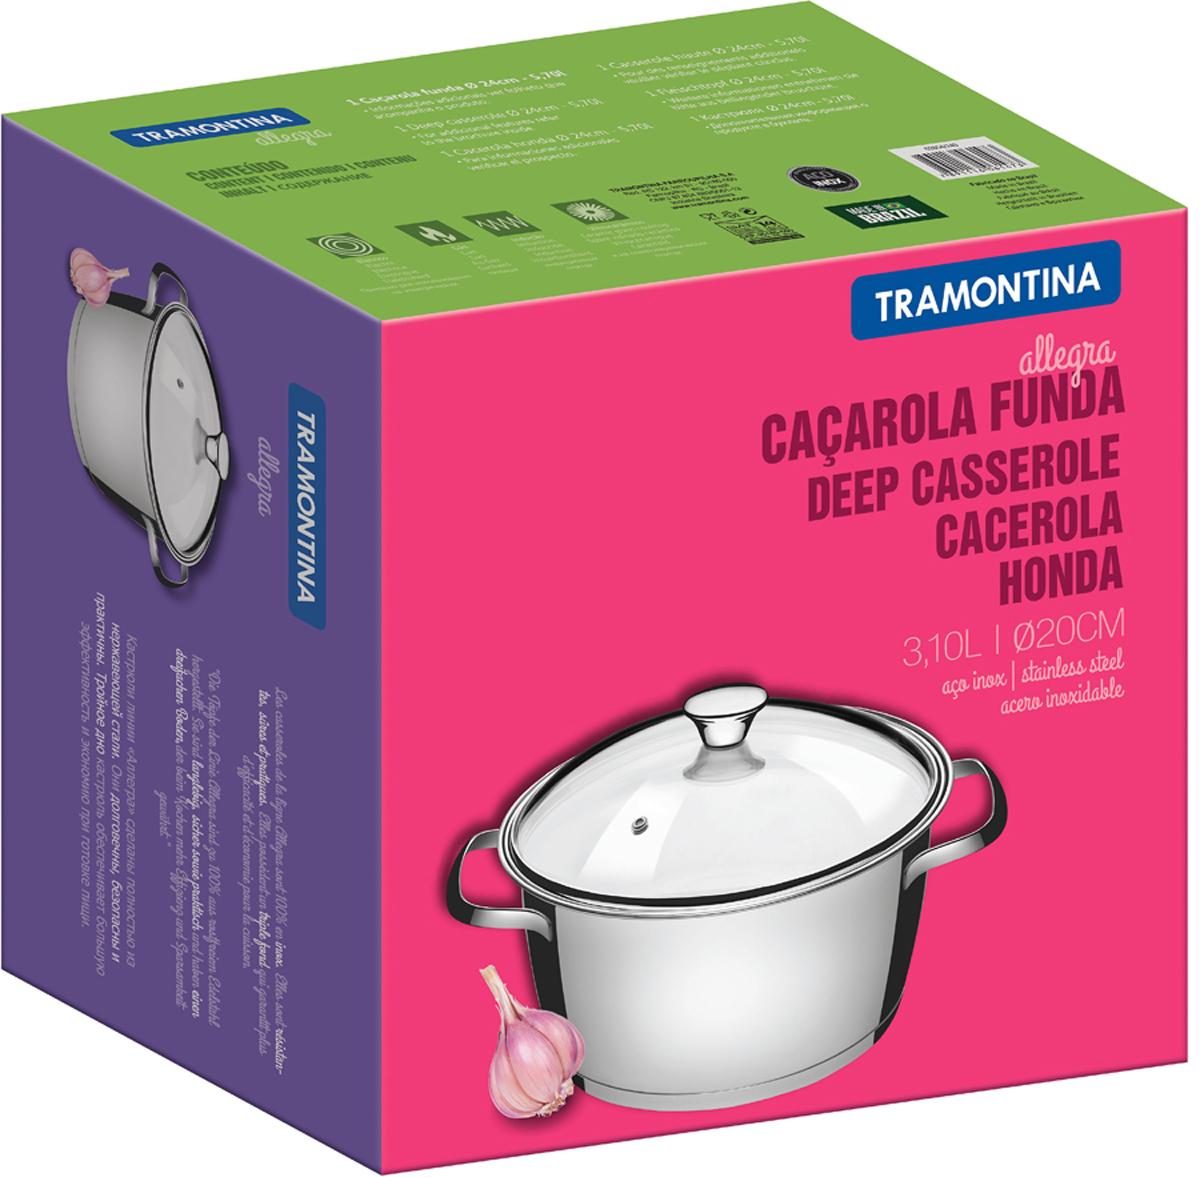 Кастрюля Tramontina Allegra с крышкой, 3,04 л62654/204-TRTramontina Allegra отличается практичностью и надежностью в каждой детали. Это посуда, в которой нет ничего лишнего, увеличивающего стоимость, и которая идеально подходит для каждодневного приготовления пищи в течение долгого времени.Корпус изделий, входящих в коллекцию, выполнен высококачественной хром-никелевой аустенитной нержавеющей стали с низким содержанием углерода, обладающей высокими эксплуатационными характеристиками – она устойчива к агрессивным пищевым кислотам и щелочам и не вступает в реакцию пищей.Толщина стенок корпуса составляет 0,5 мм, что соответствует российским и европейским нормам. Качество стали гарантирует максимальную безопасность посуды, как в процессе приготовления, так и в процессе хранения продуктов. Для изготовления крышек используется самый качественный материал – огнеупорное стекло с повышенной сопротивляемостью к механическим воздействиям. Можно не беспокоиться о том, что крышка неожиданно лопнет (как часто бывает с недорогой посудой китайского производства), кроме того, она с легкостью выдерживает падение с полутораметровой высоты на жесткий пол. Удобные ручки из нержавеющей стали с креплением на точечной сварке, что гарантирует простоту в уходе и гигиеничность. Посуду с ручками на точечной сварке удобно мыть как вручную, так и в посудомоечной машине, не боясь, что агрессивные моющие средства во взаимодействии с алюминием образуют налет, как это бывает иногда с посудой, ручки которой имеют клепочное крепление. Дно посуды - трехслойное, с теплораспределительным слоем из алюминия, производится с использованием технологии Impact, благодаря которой алюминий под давлением пресса с усилием в 3000 тонны заполняет целиком всю капсулу дна, создавая единое целое корпус-алюминиевый диск-дно. Отсутствие пустот благоприятно сказывается на теплораспределительных свойствах дна и гарантирует долгий срок службы.- Общая толщина дна: 5,1 мм - Толщина теплораспределительного слоя: 4 мм - Толщина 